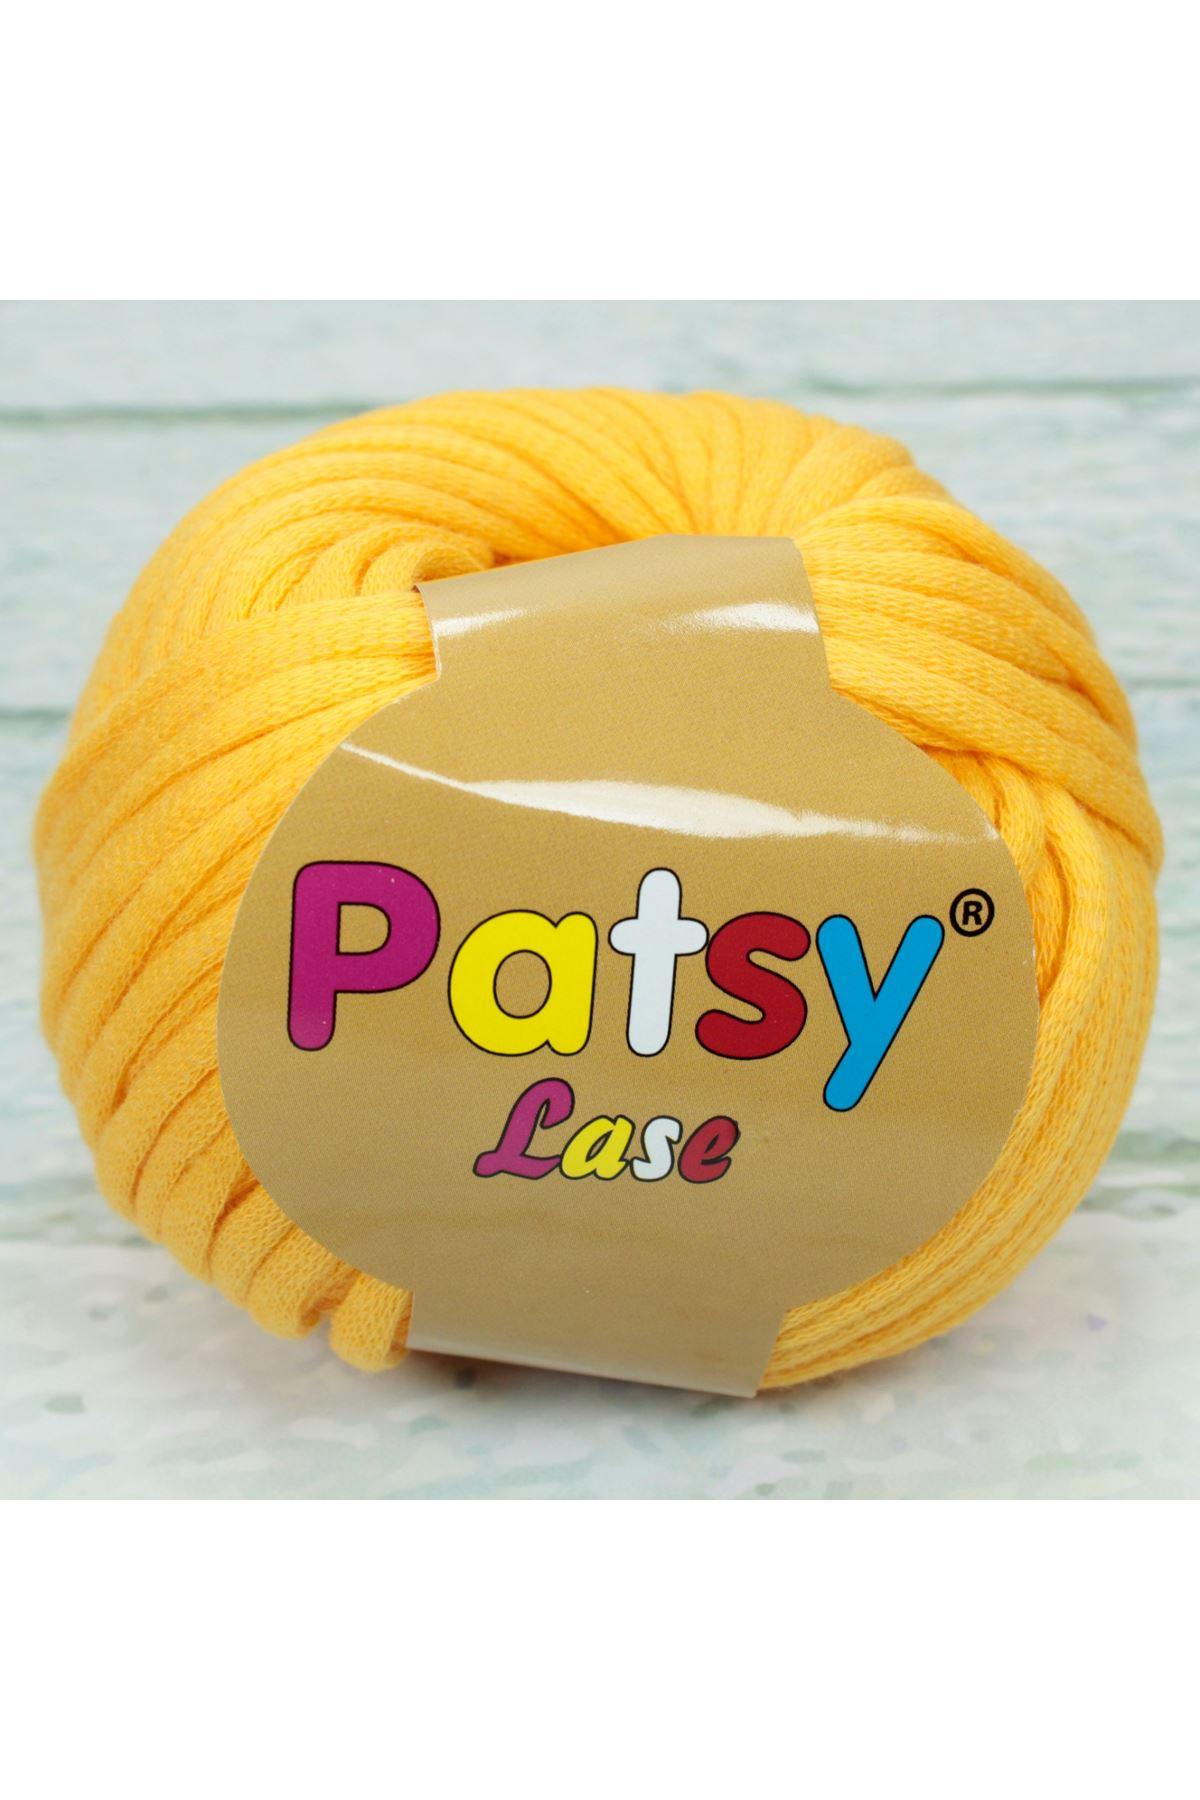 Patsy Lase